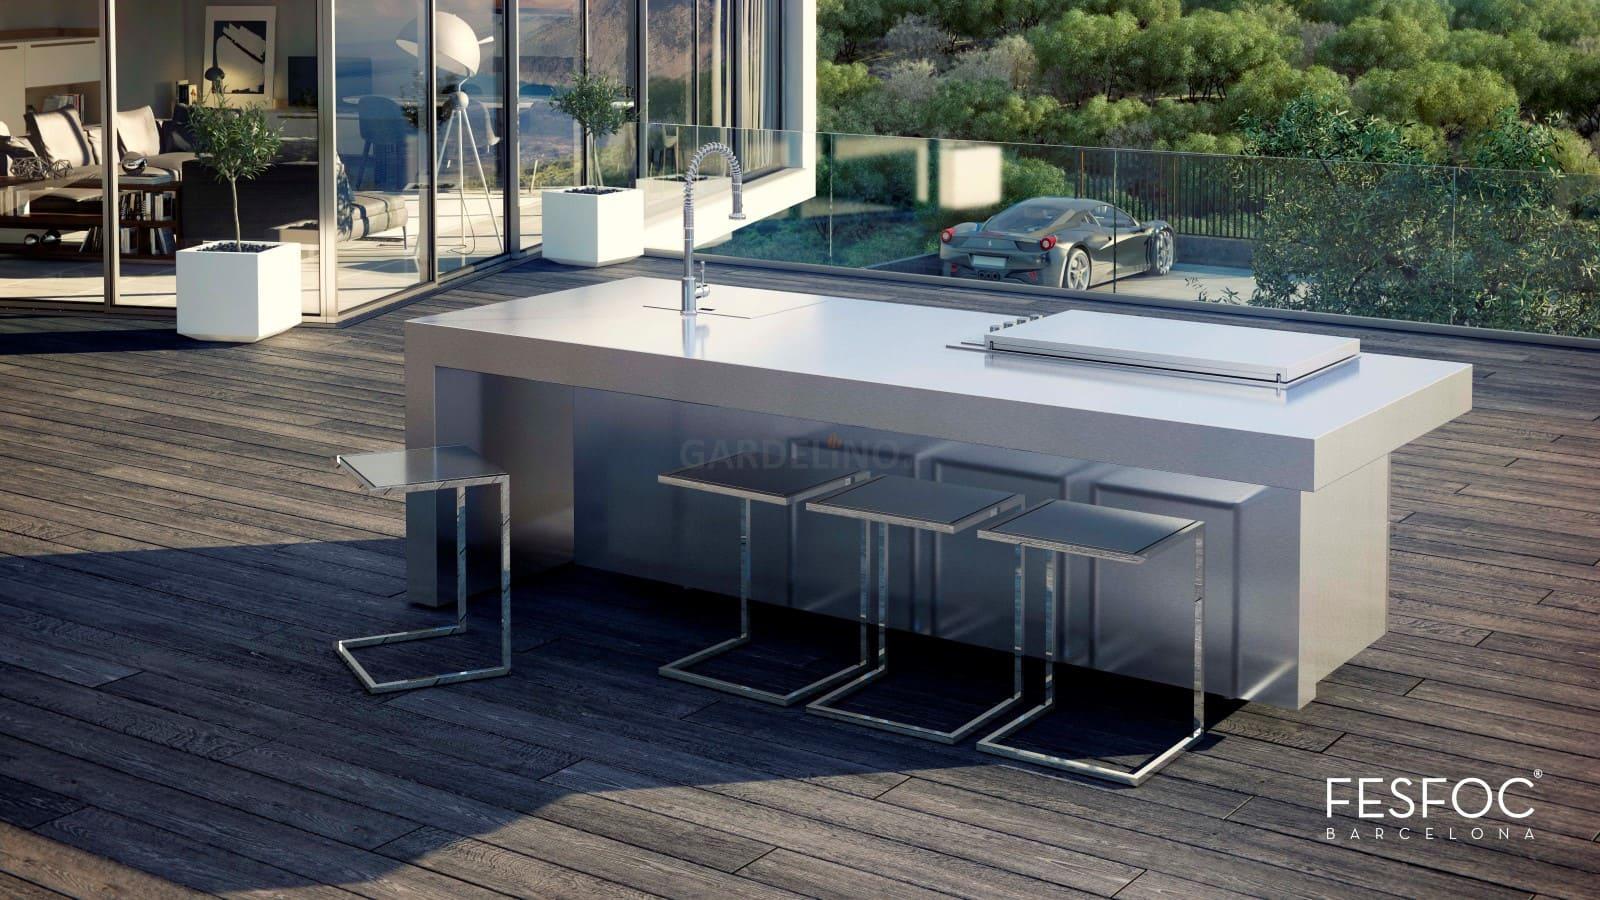 Outdoor Küche Edelstahl Preis : Fesfoc outdoor küche aus edelstahl nach ihrem design